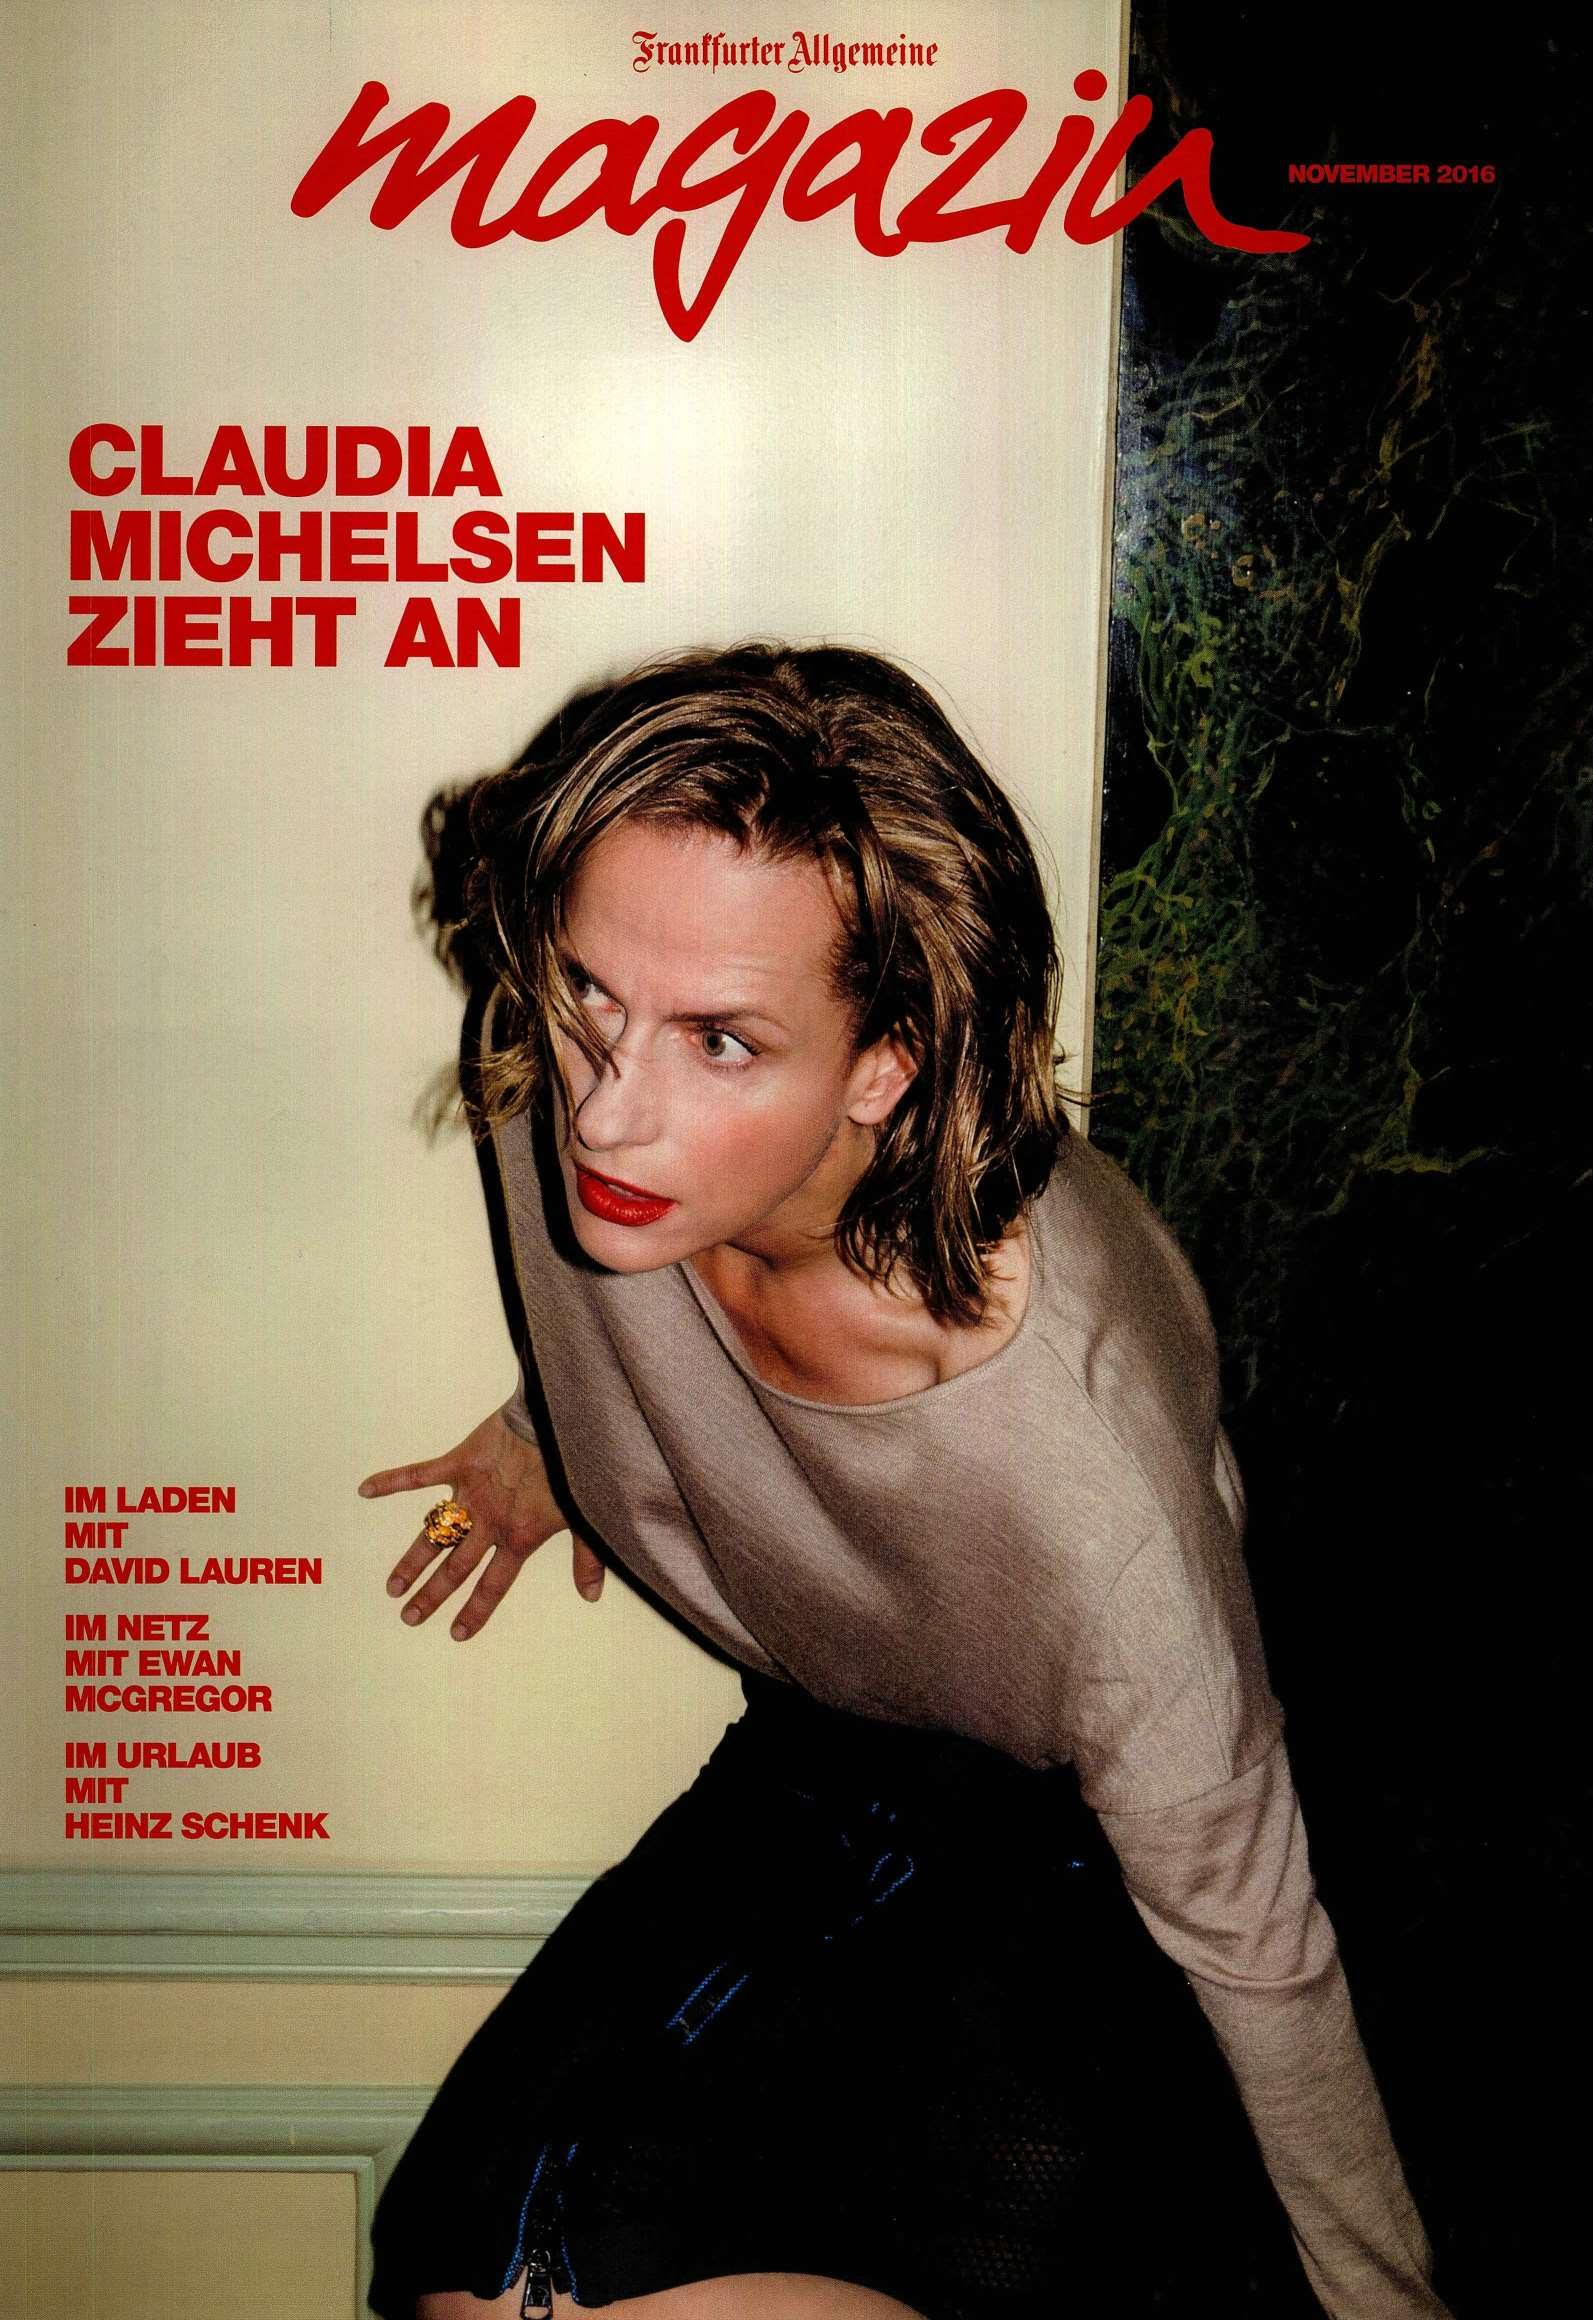 Frankfurter Allgemeine Magazin Cover